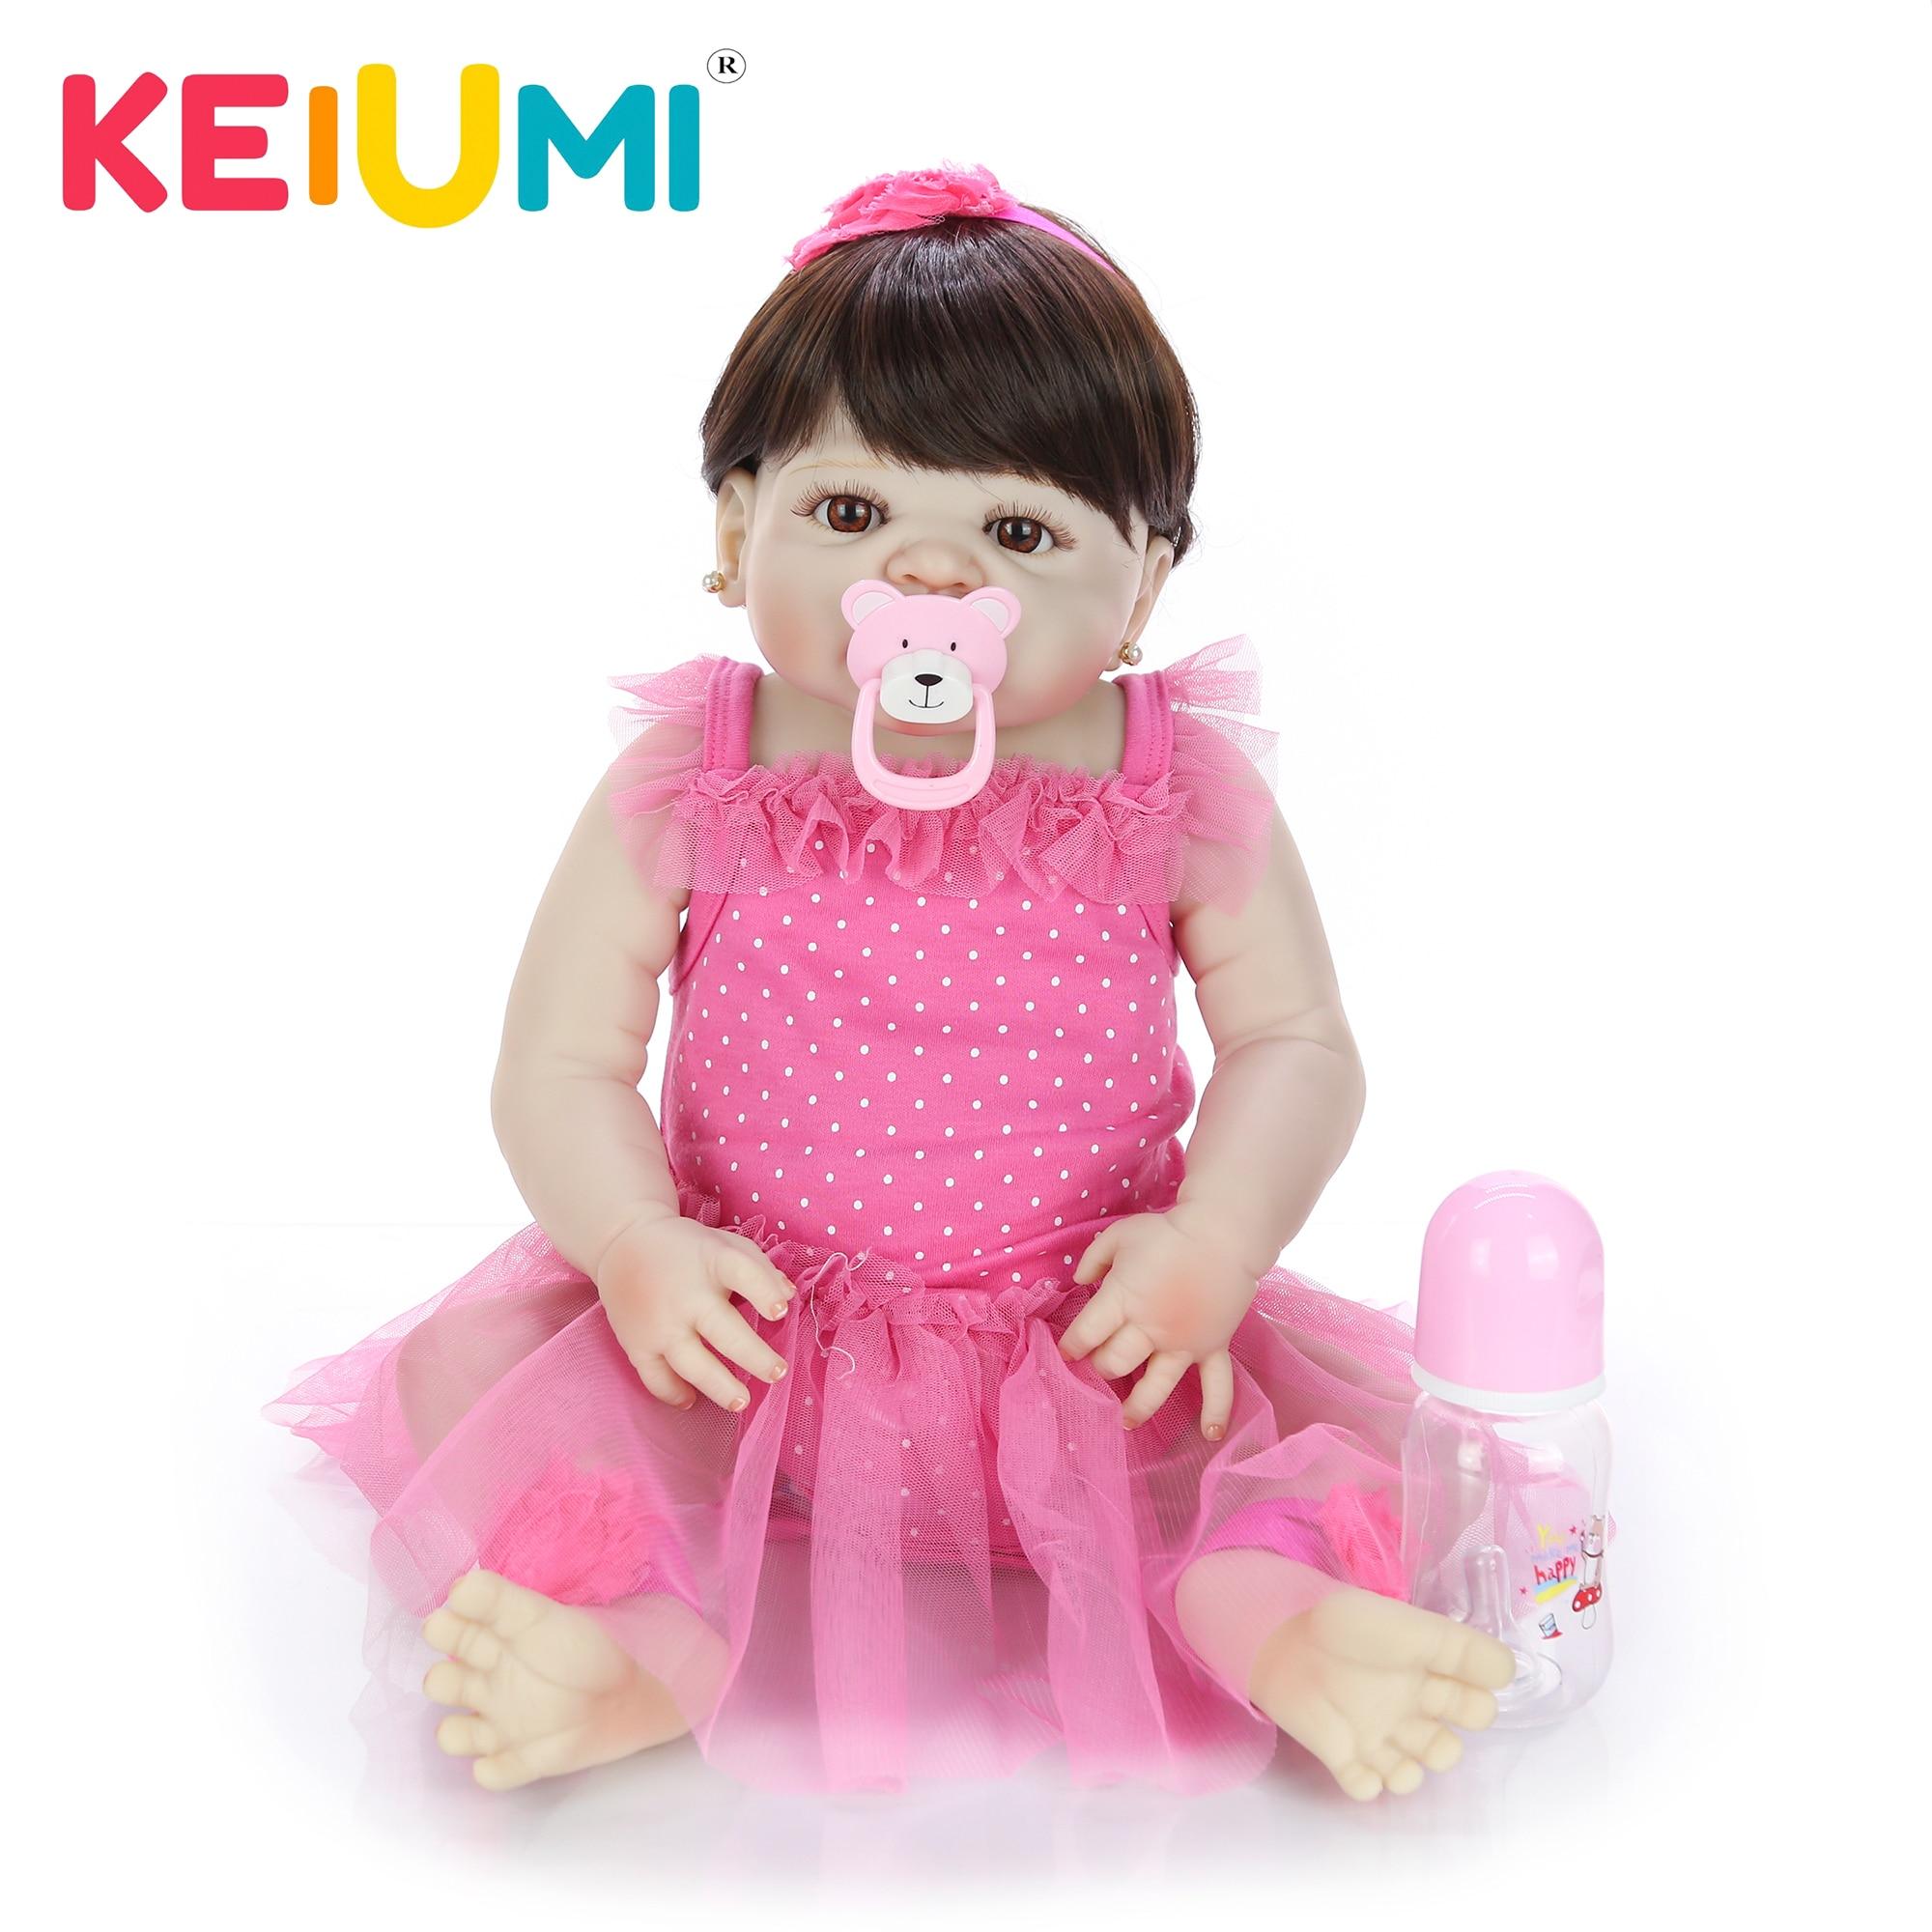 23 ''57 cm Silikon Volle Körper Baby Puppe Spielzeug Für Mädchen Lebensechte Babys Reborn Puppe Echte Prinzessin Tragen Rosa kleid Für Kinder Geschenk-in Puppen aus Spielzeug und Hobbys bei  Gruppe 1